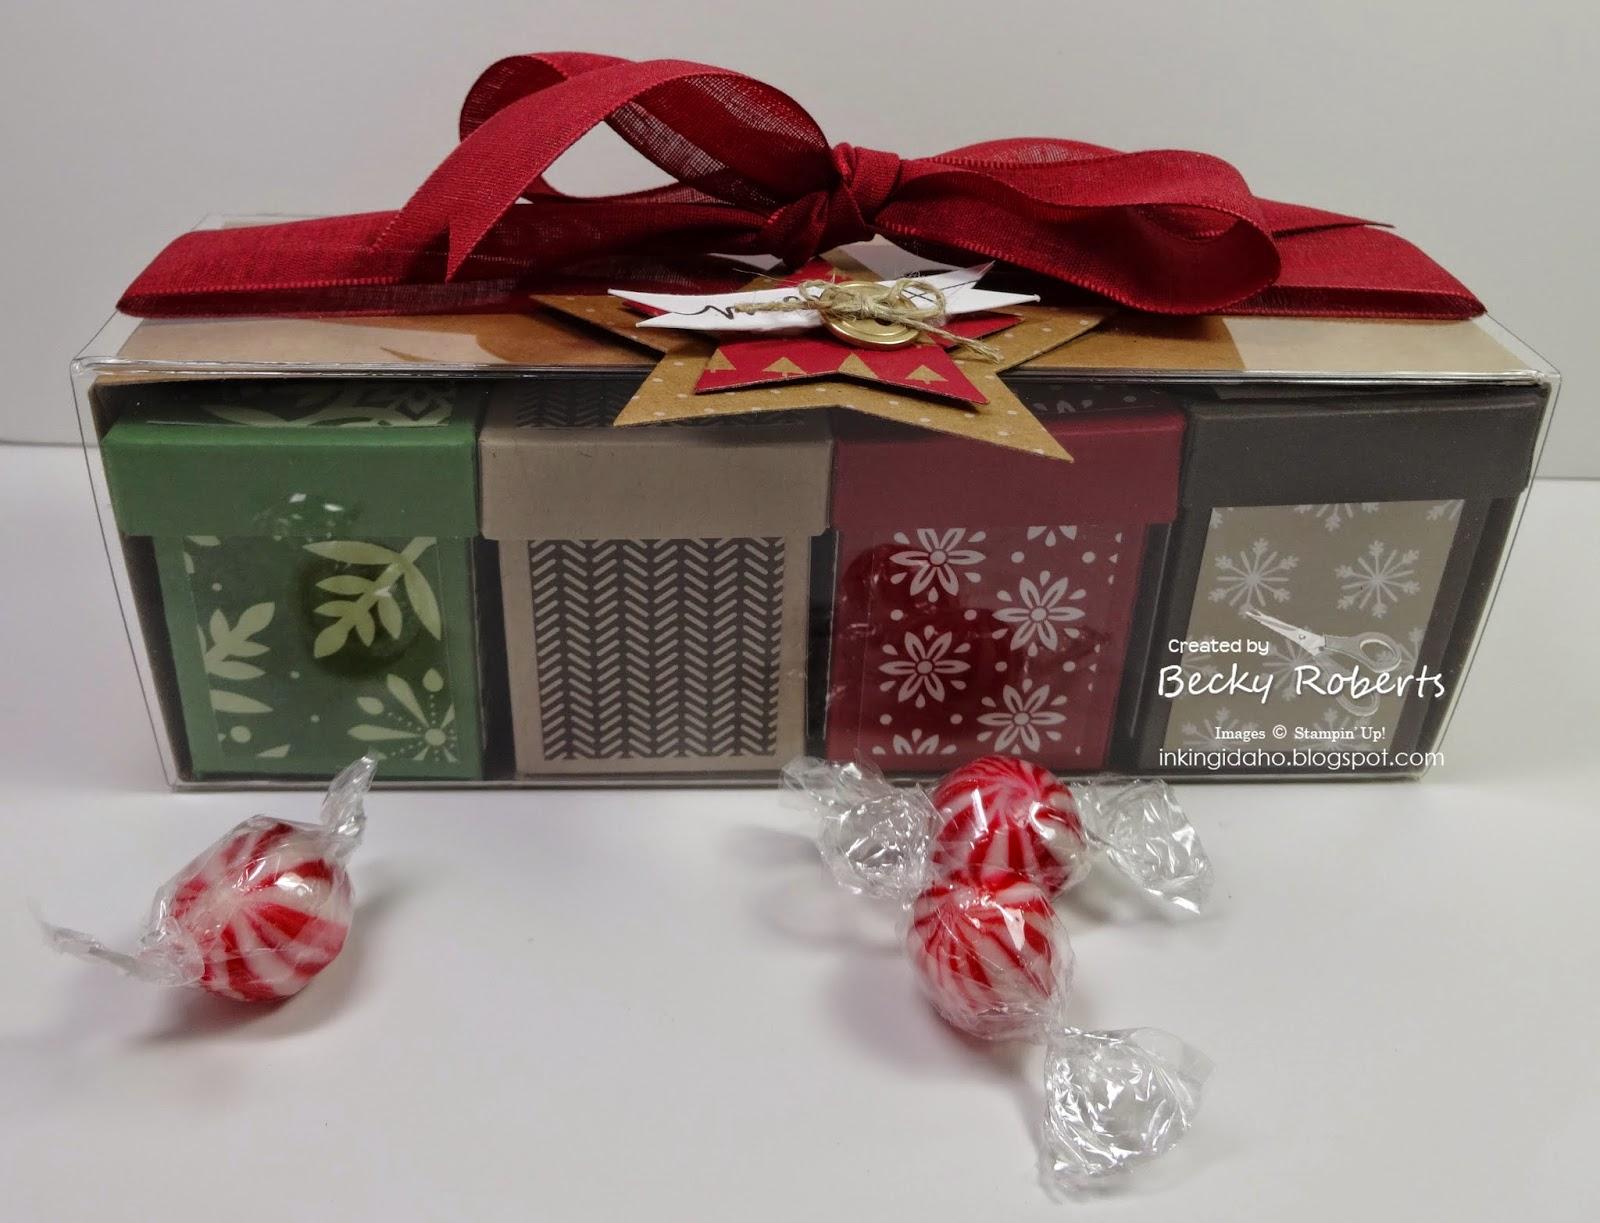 Inking Idaho Tag A Bag Gift Box With Mini Boxes